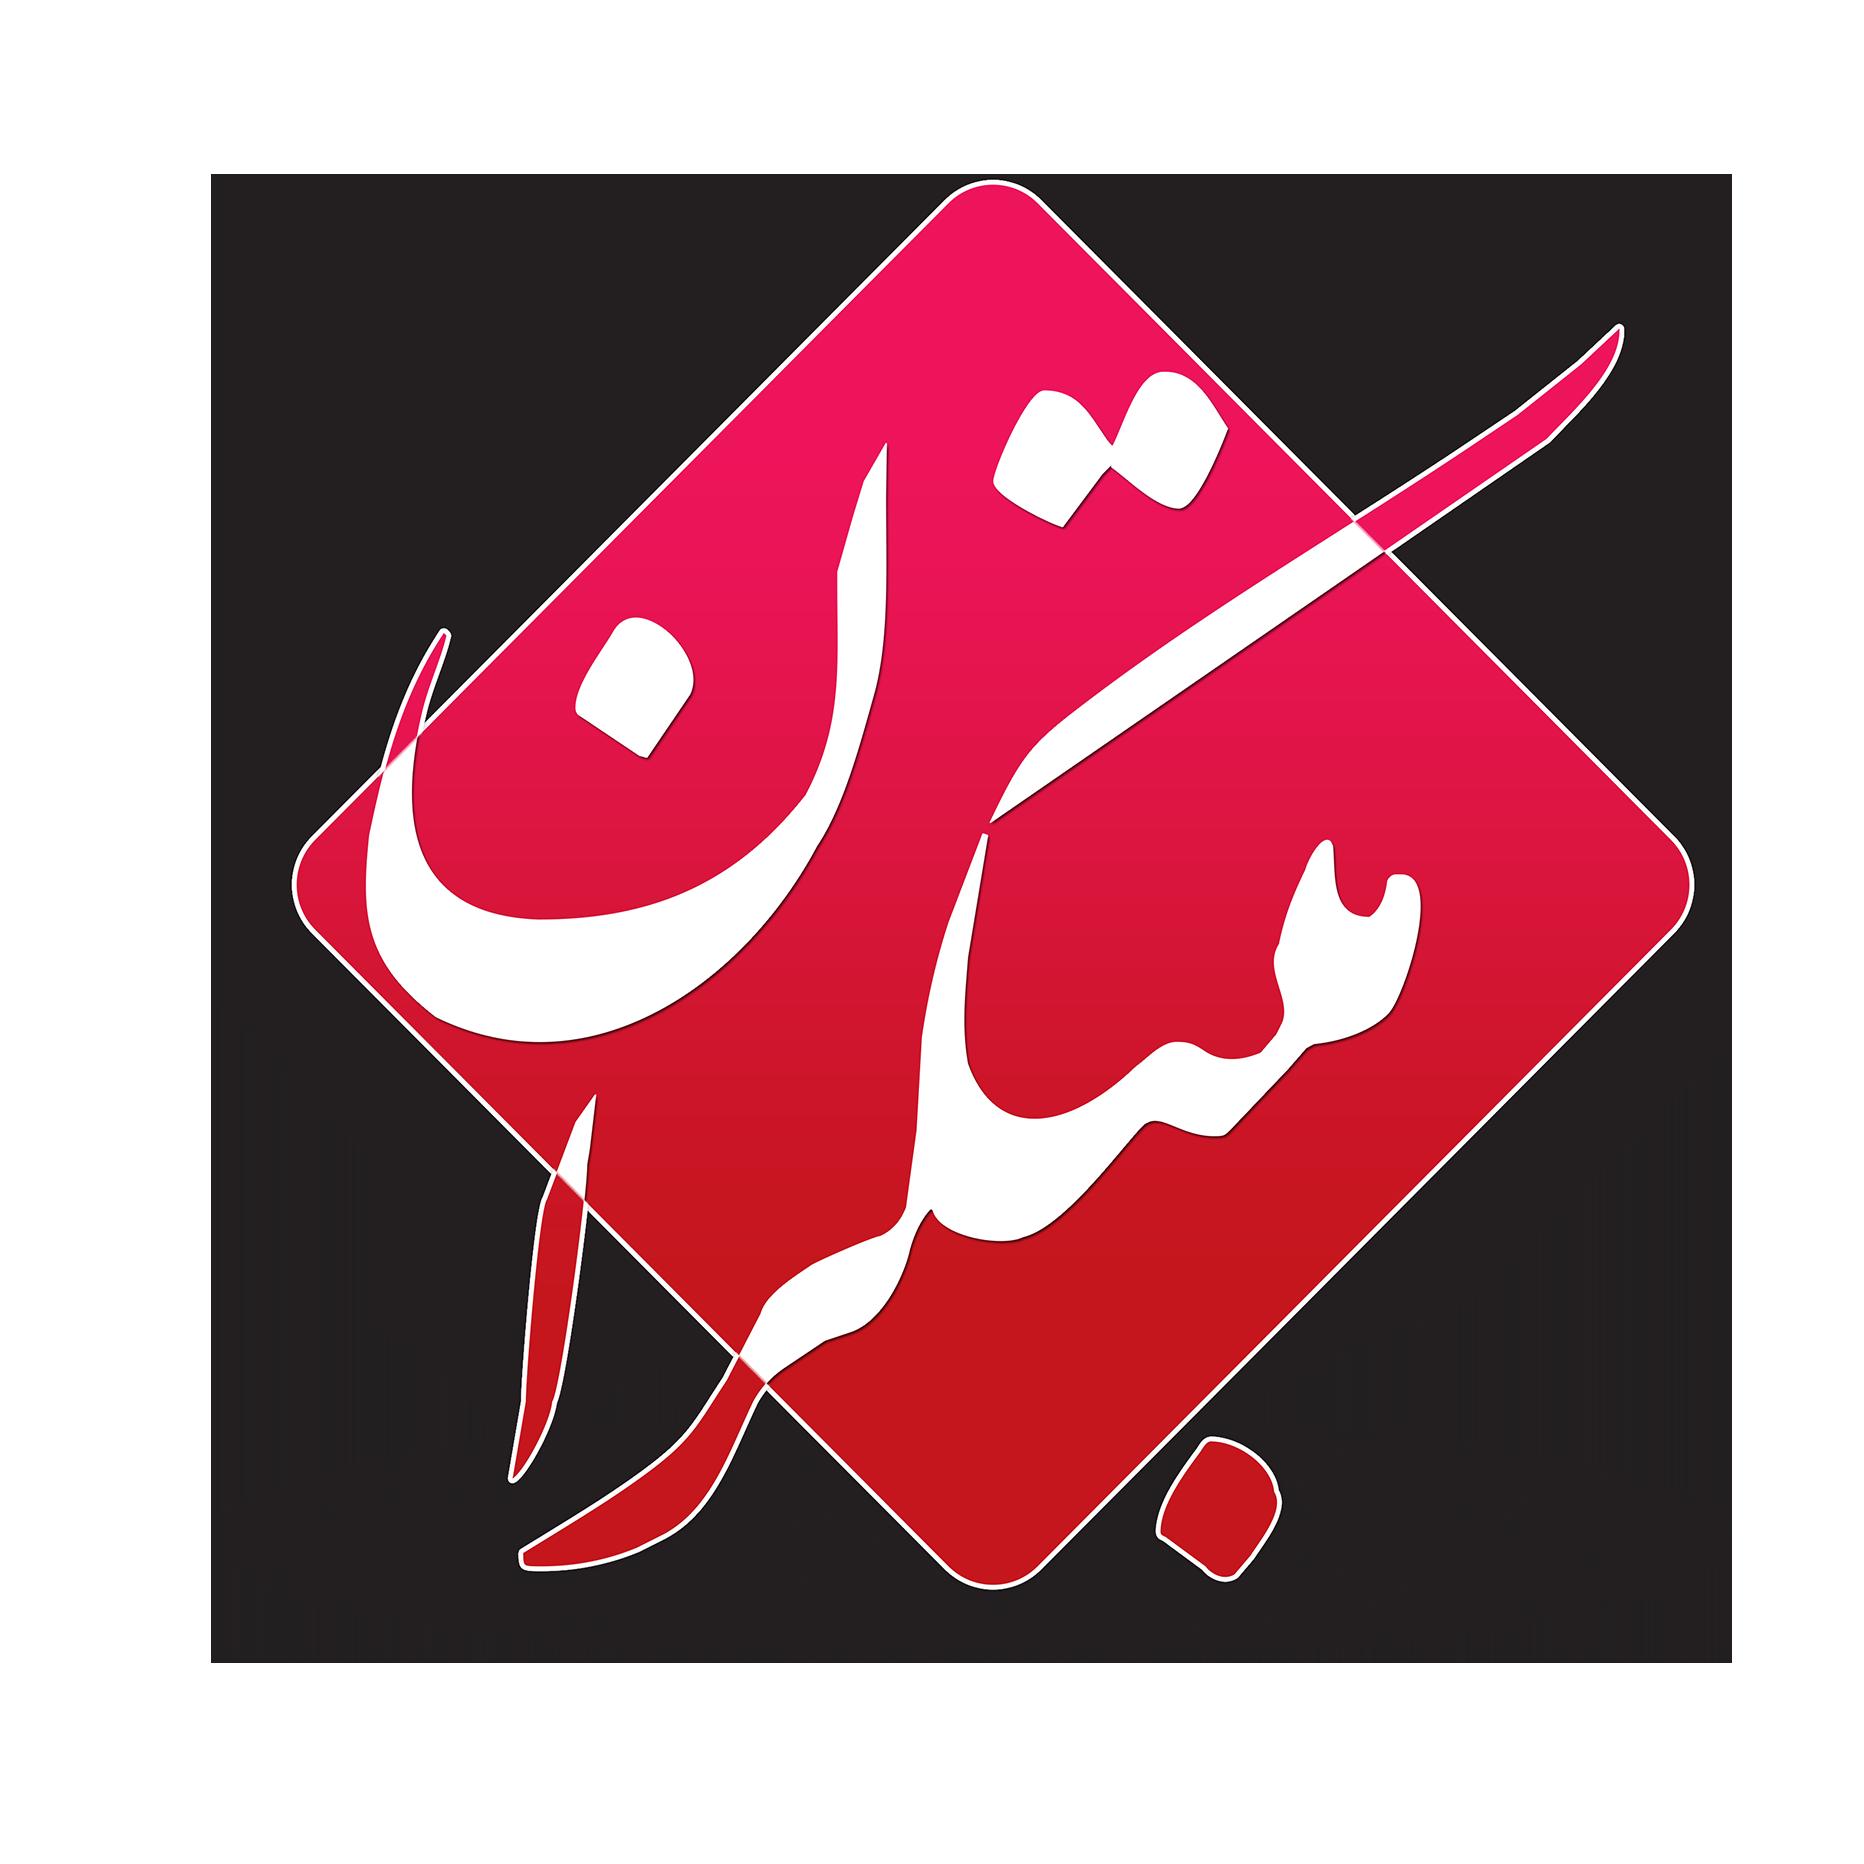 برگزاری جشنواره اختتامیه نهمین المپیاد ریاضی نوجوانان و اولین مسابقات علمی مبتکران ایران (معما)